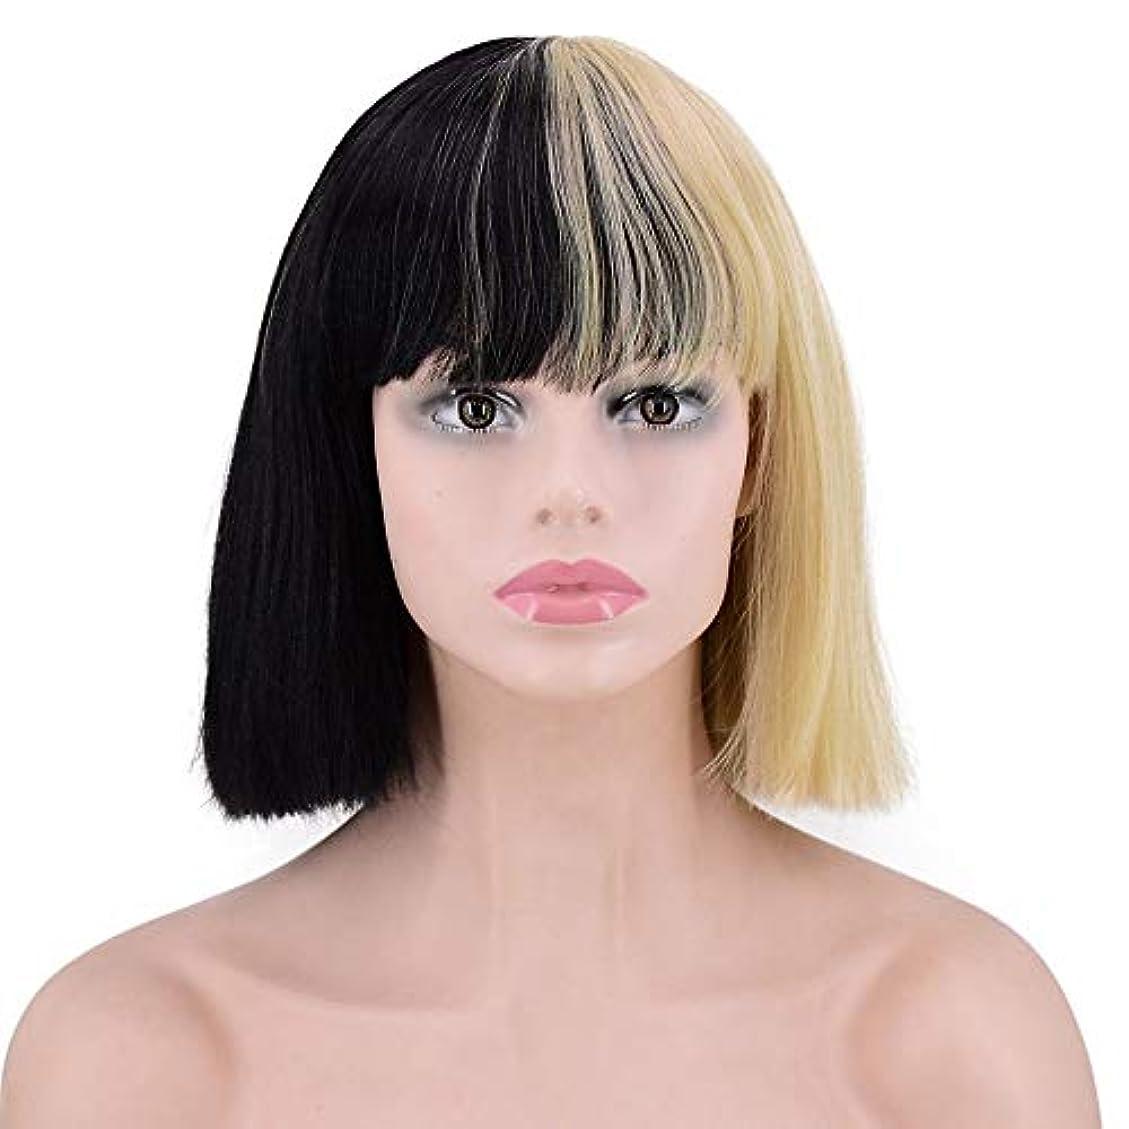 海岸詐欺滑るYOUQIU 女性の黒と白のふわふわショートストレート髪ボブ髪ほうき頭コスプレウィッグウィッグ (色 : Black/gold)